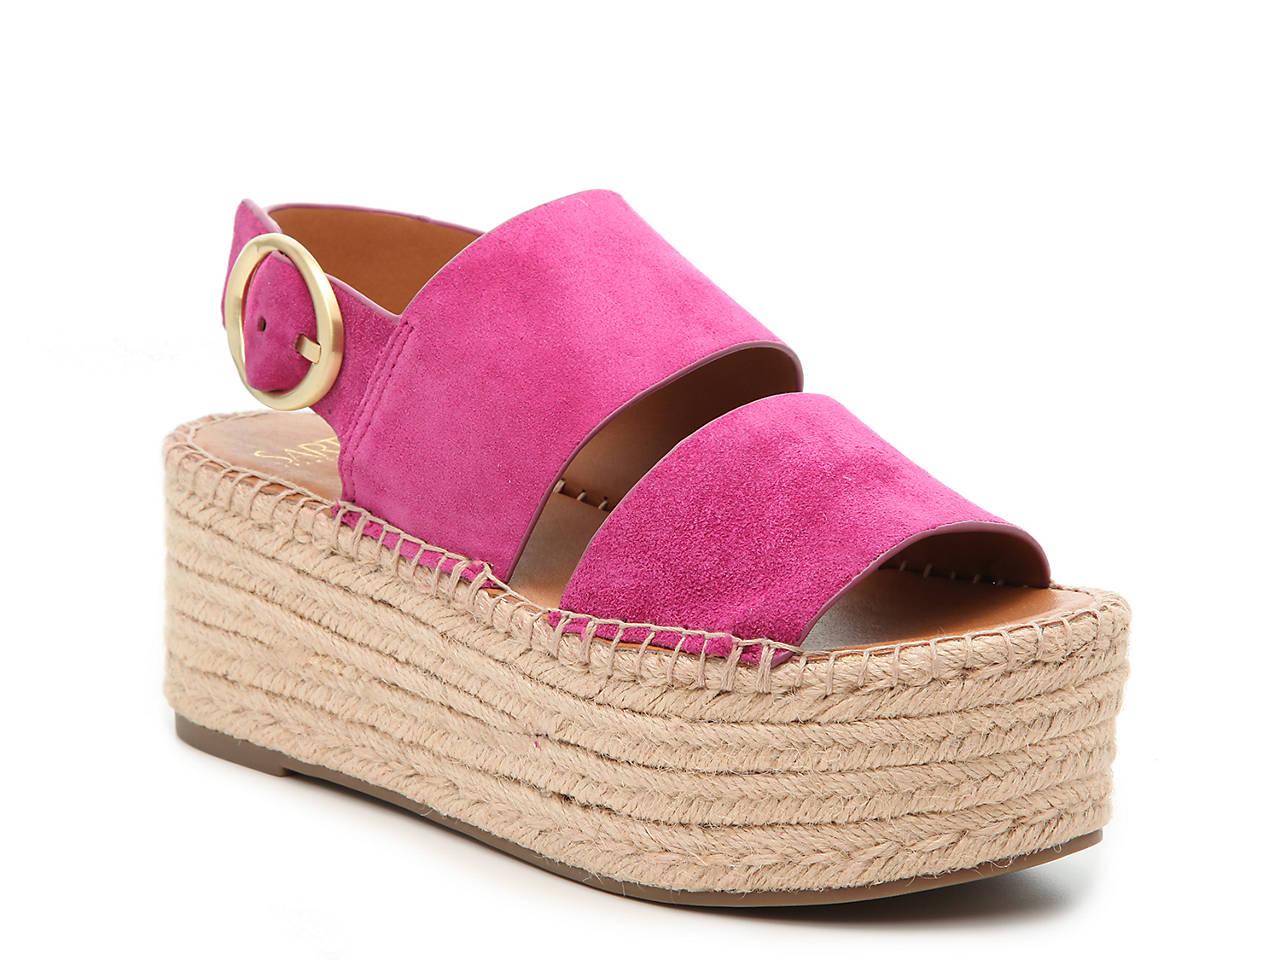 defe648d862 Mariana Espadrille Platform Sandal